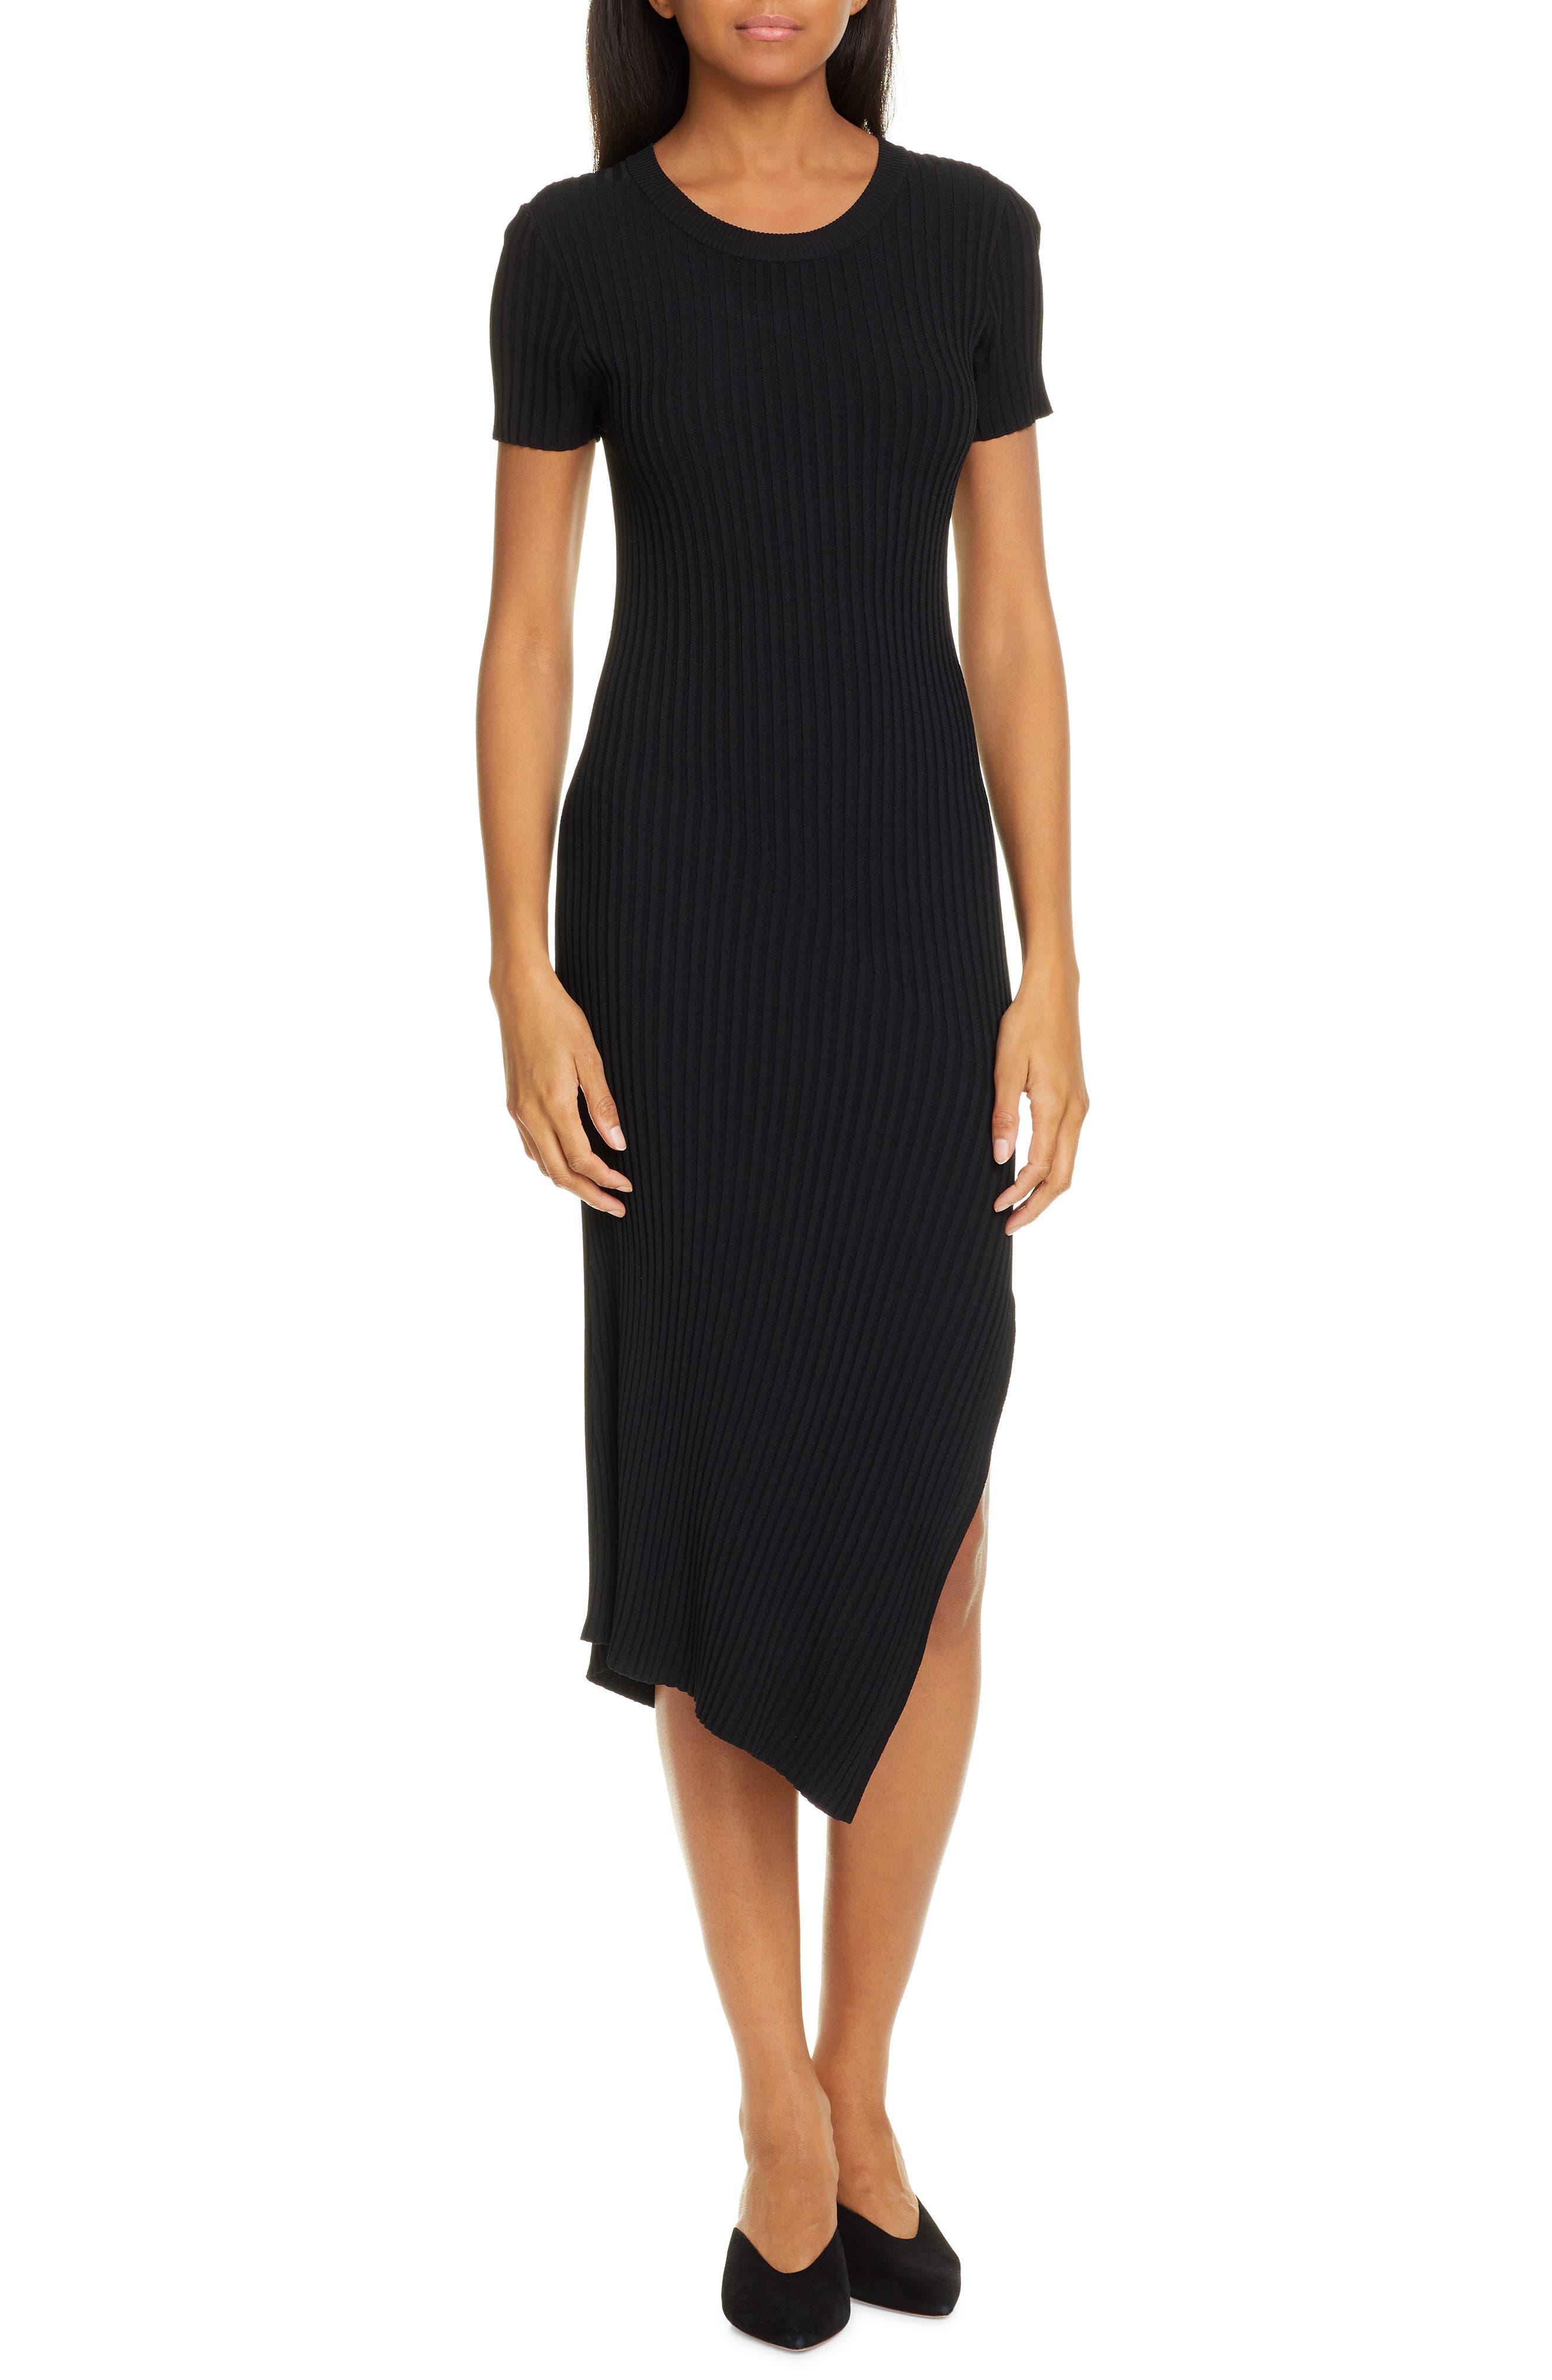 A.l.c. Minetta Rib Sweater Dress, Black